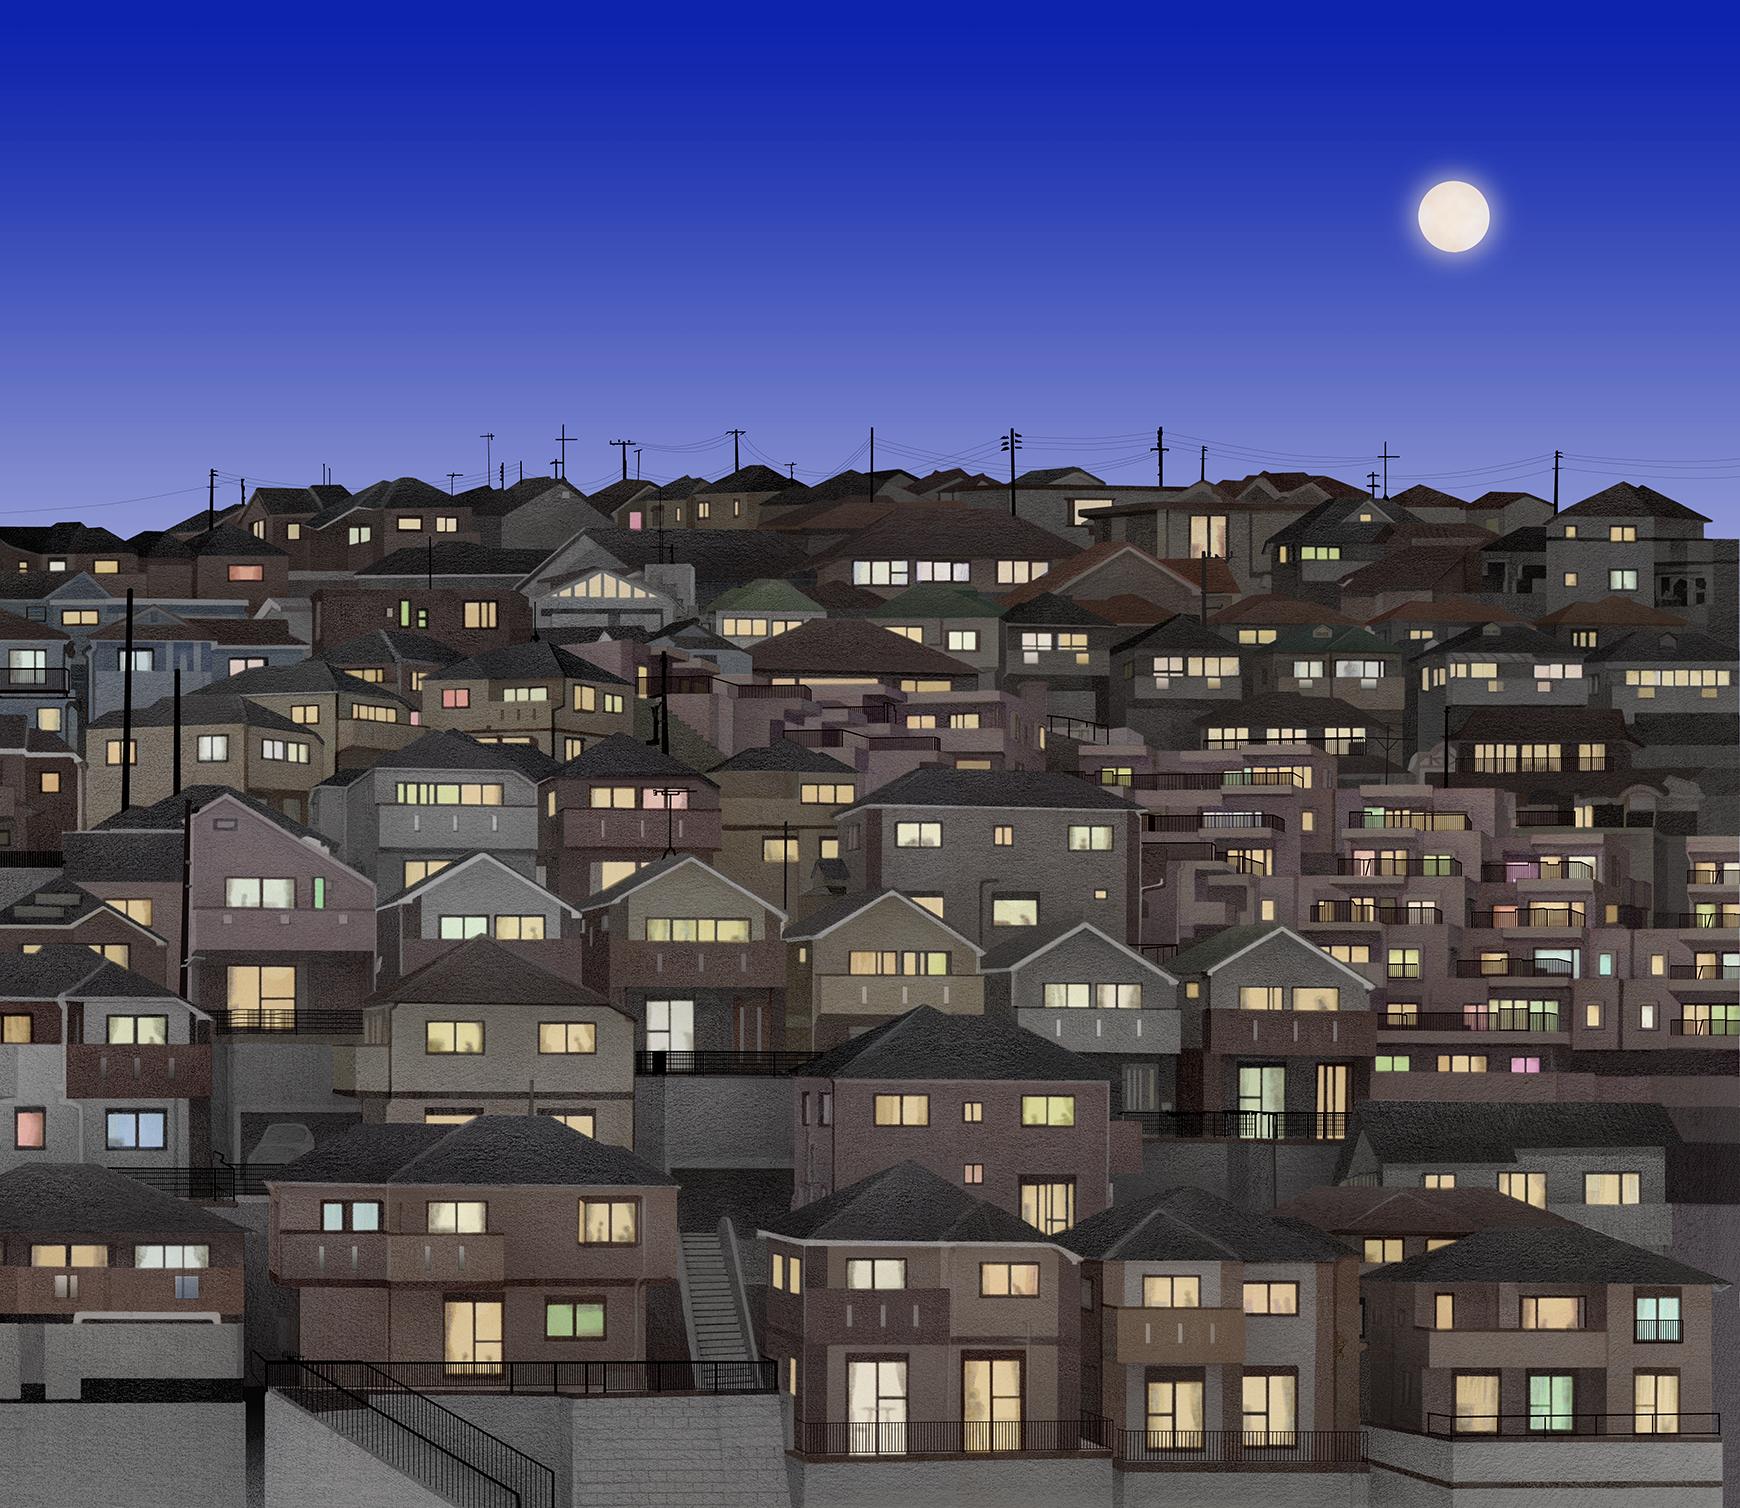 街の灯〜Town light